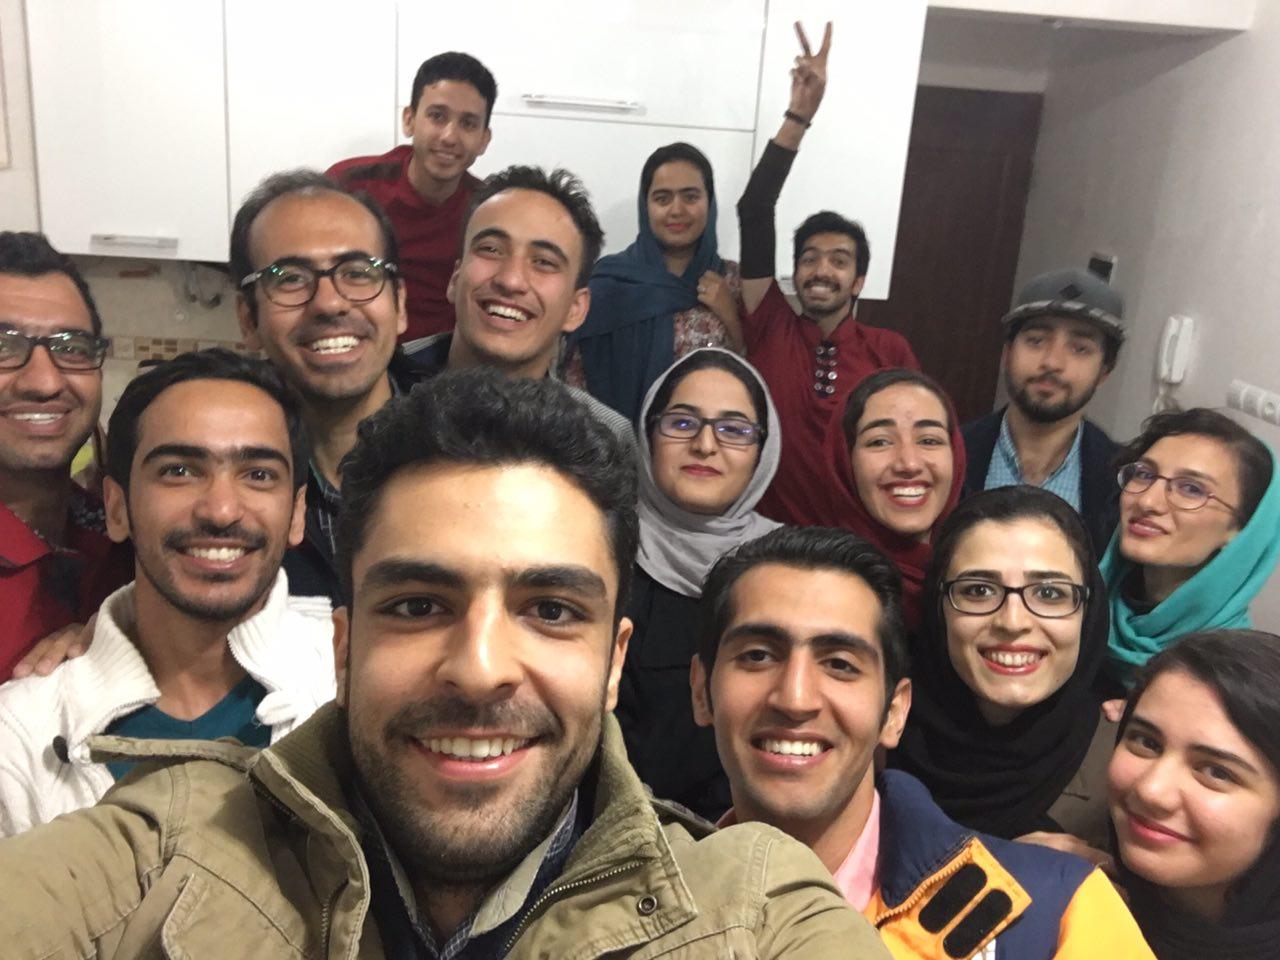 جمعی از عزیزان آسمان مهر، تا ابد بادا پاینده ...